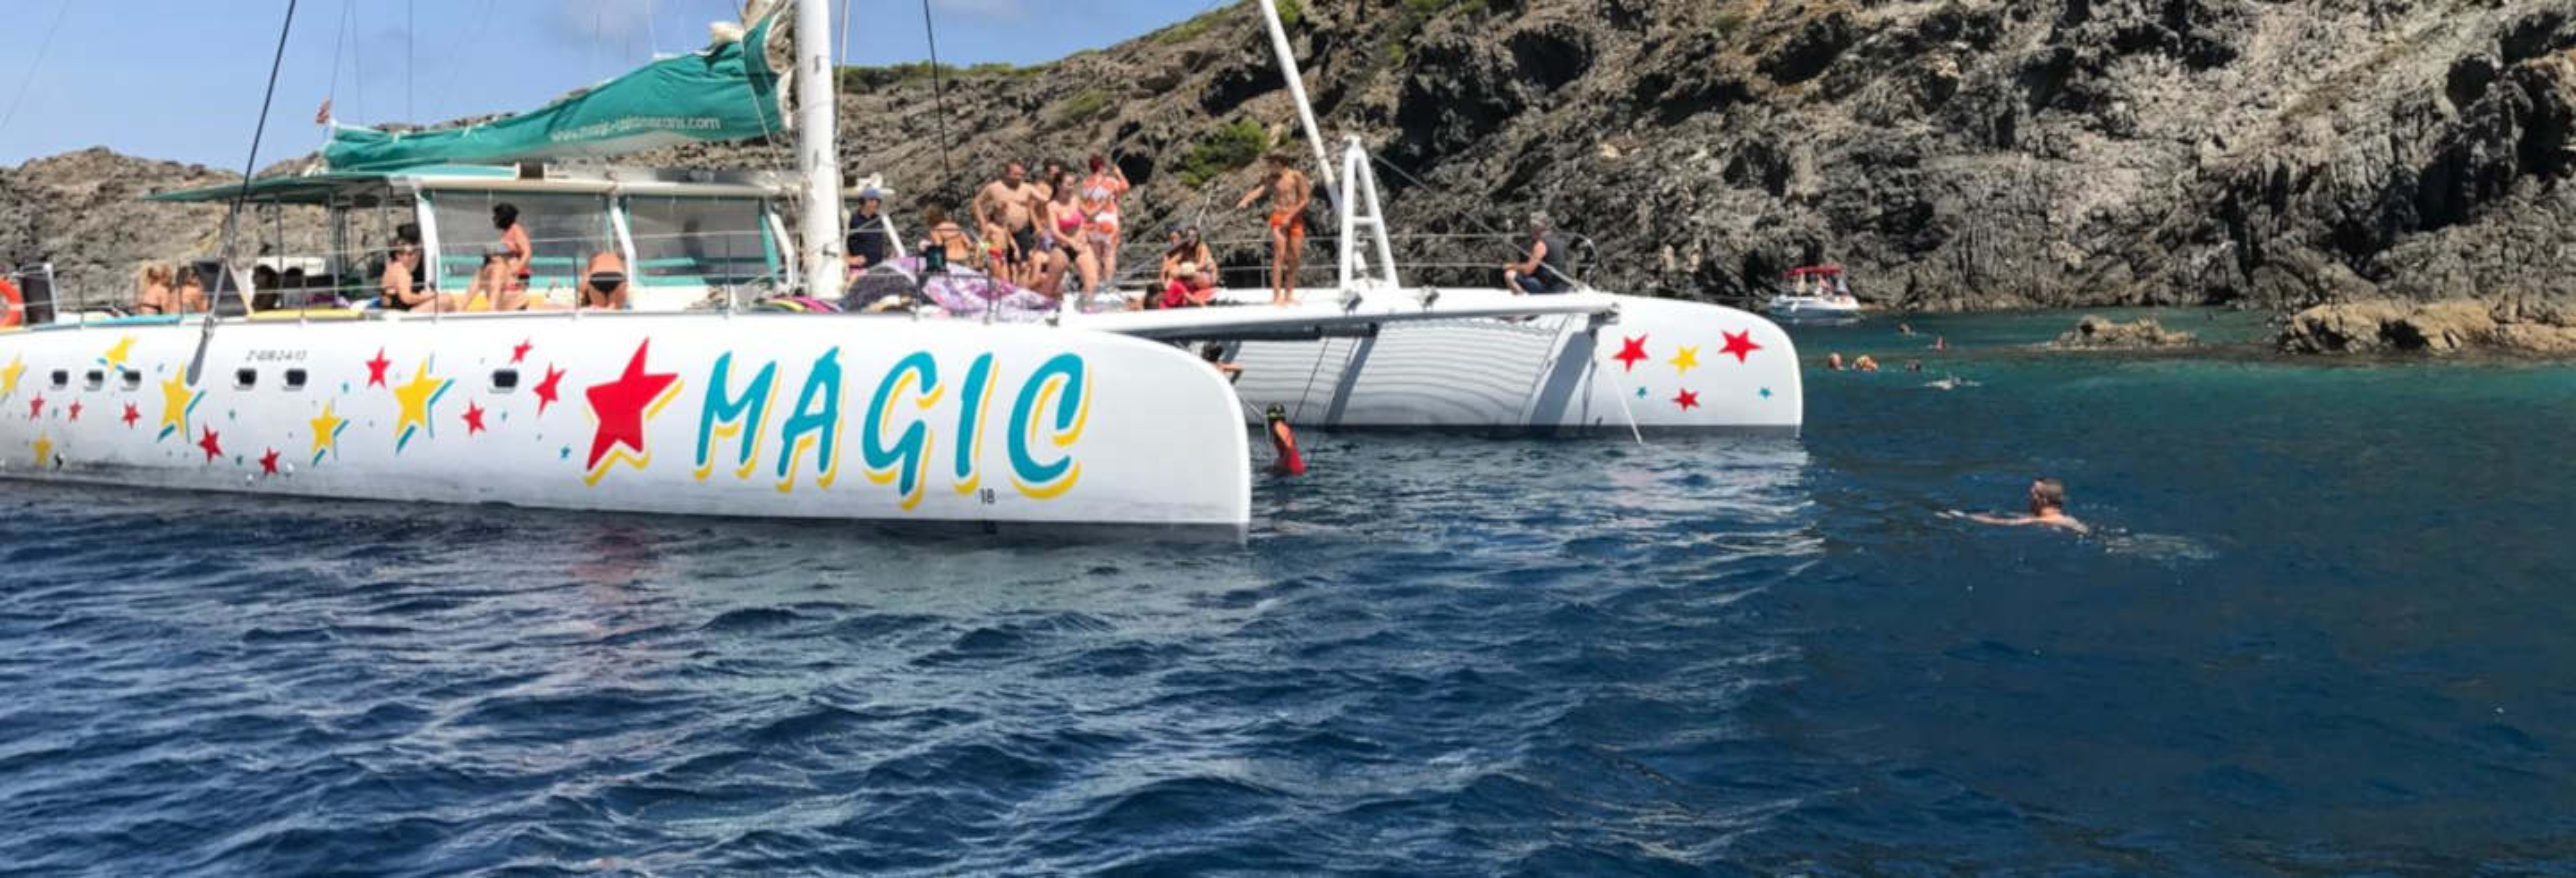 Paseo en catamarán por el Cabo de Creus